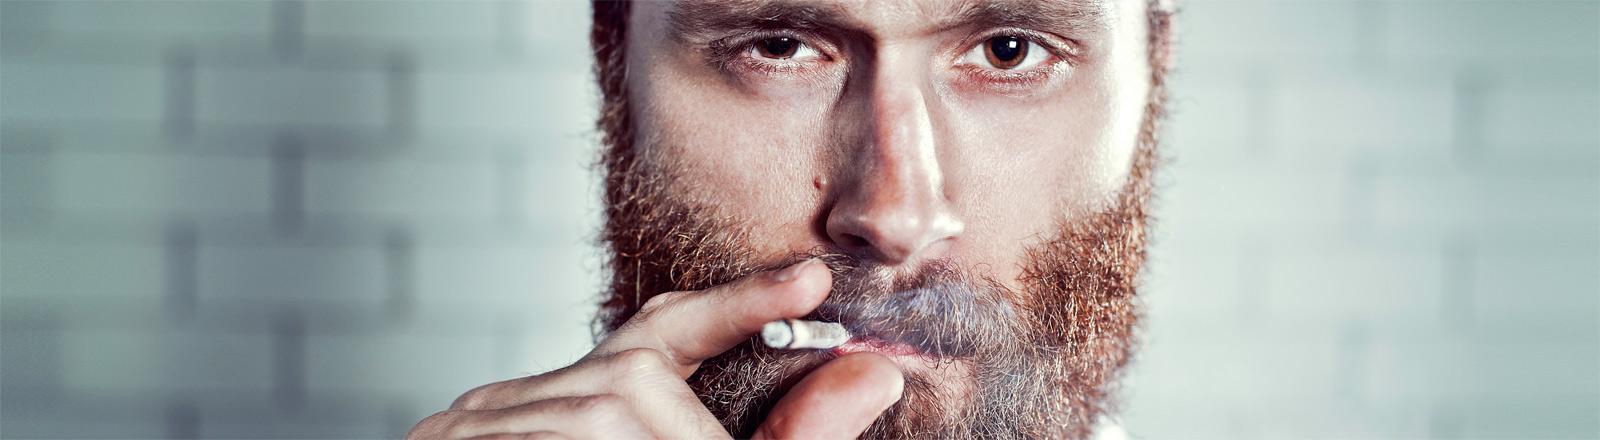 Man raucht mit ernstem Blick